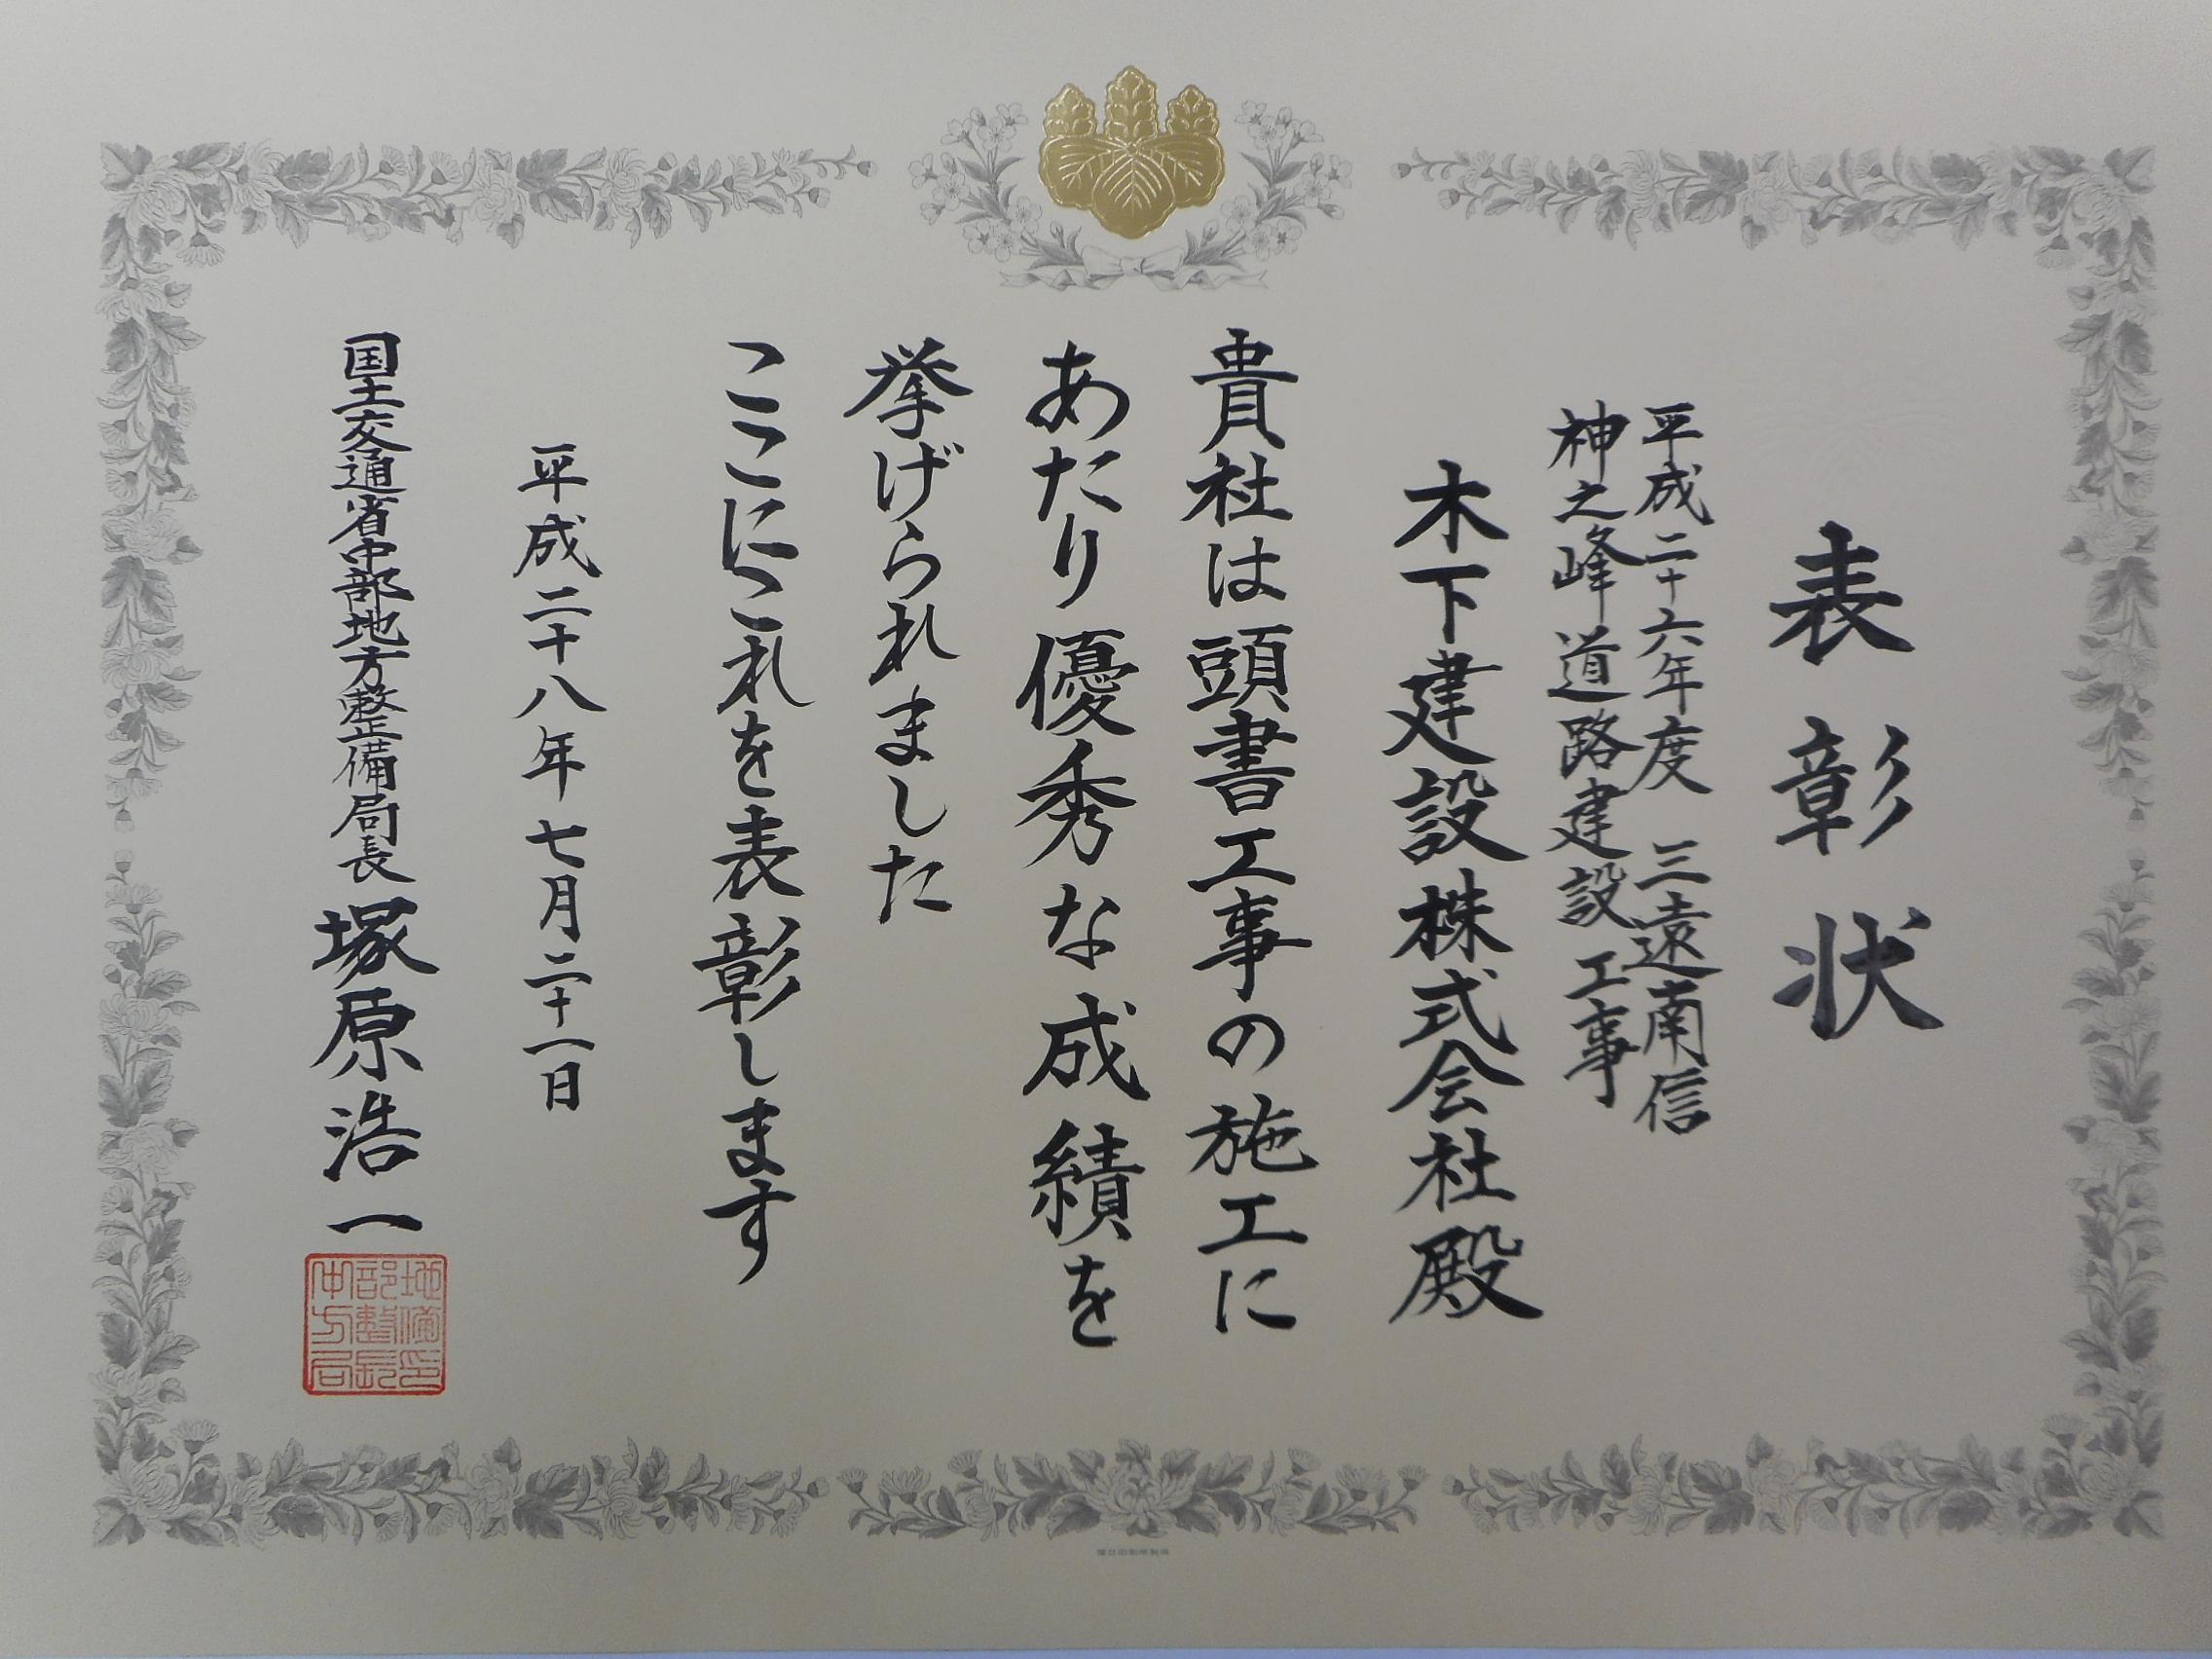 平成28年 局長表彰『成績優秀』